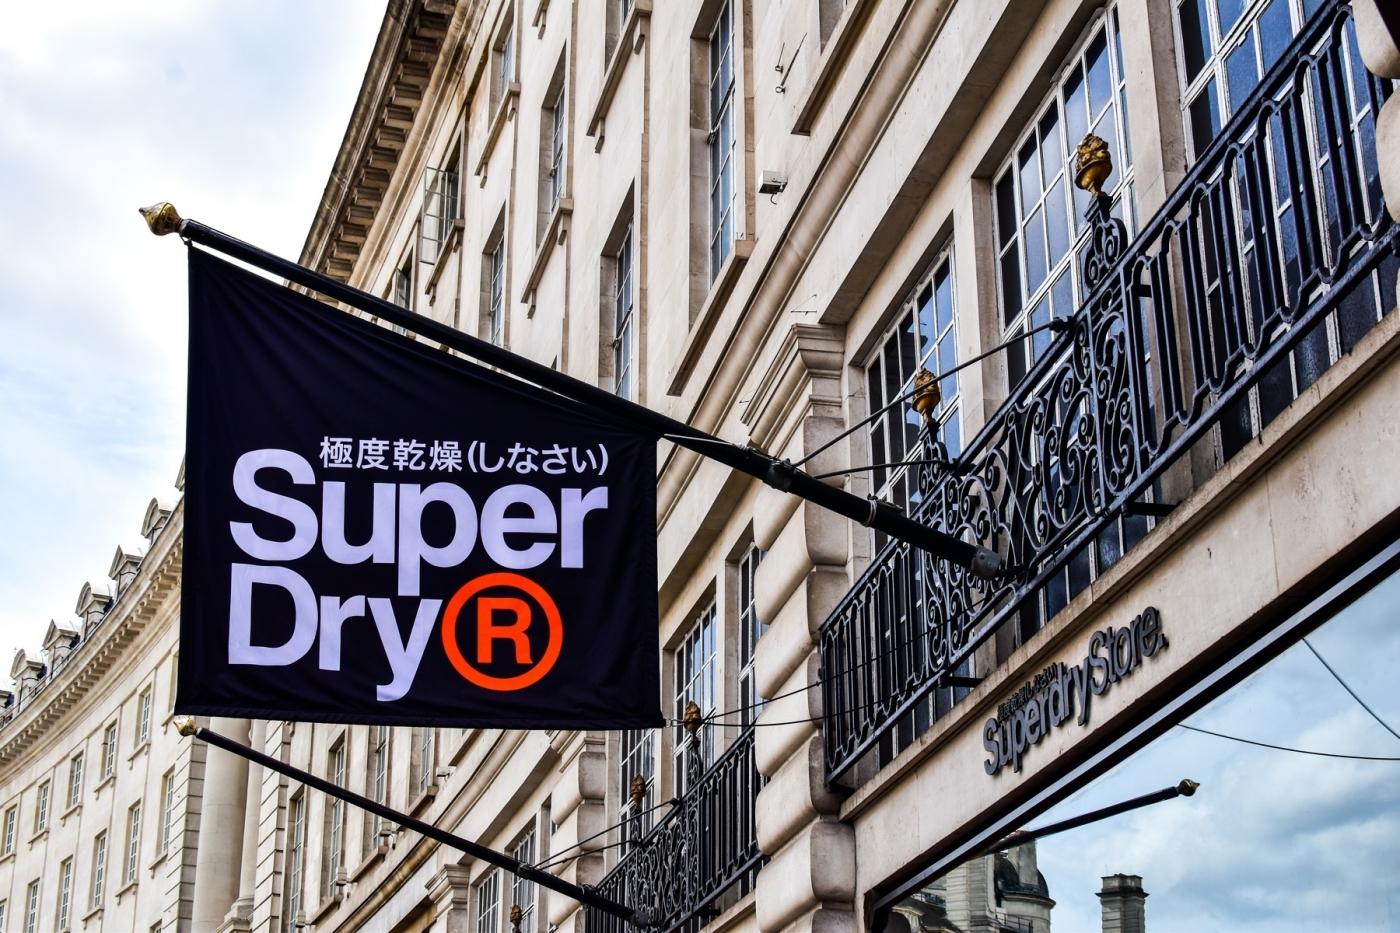 Superdry全球關上百家門市、傳撤出台灣市場!曾經爆紅的「極度乾燥」,碰到了哪些瓶頸?